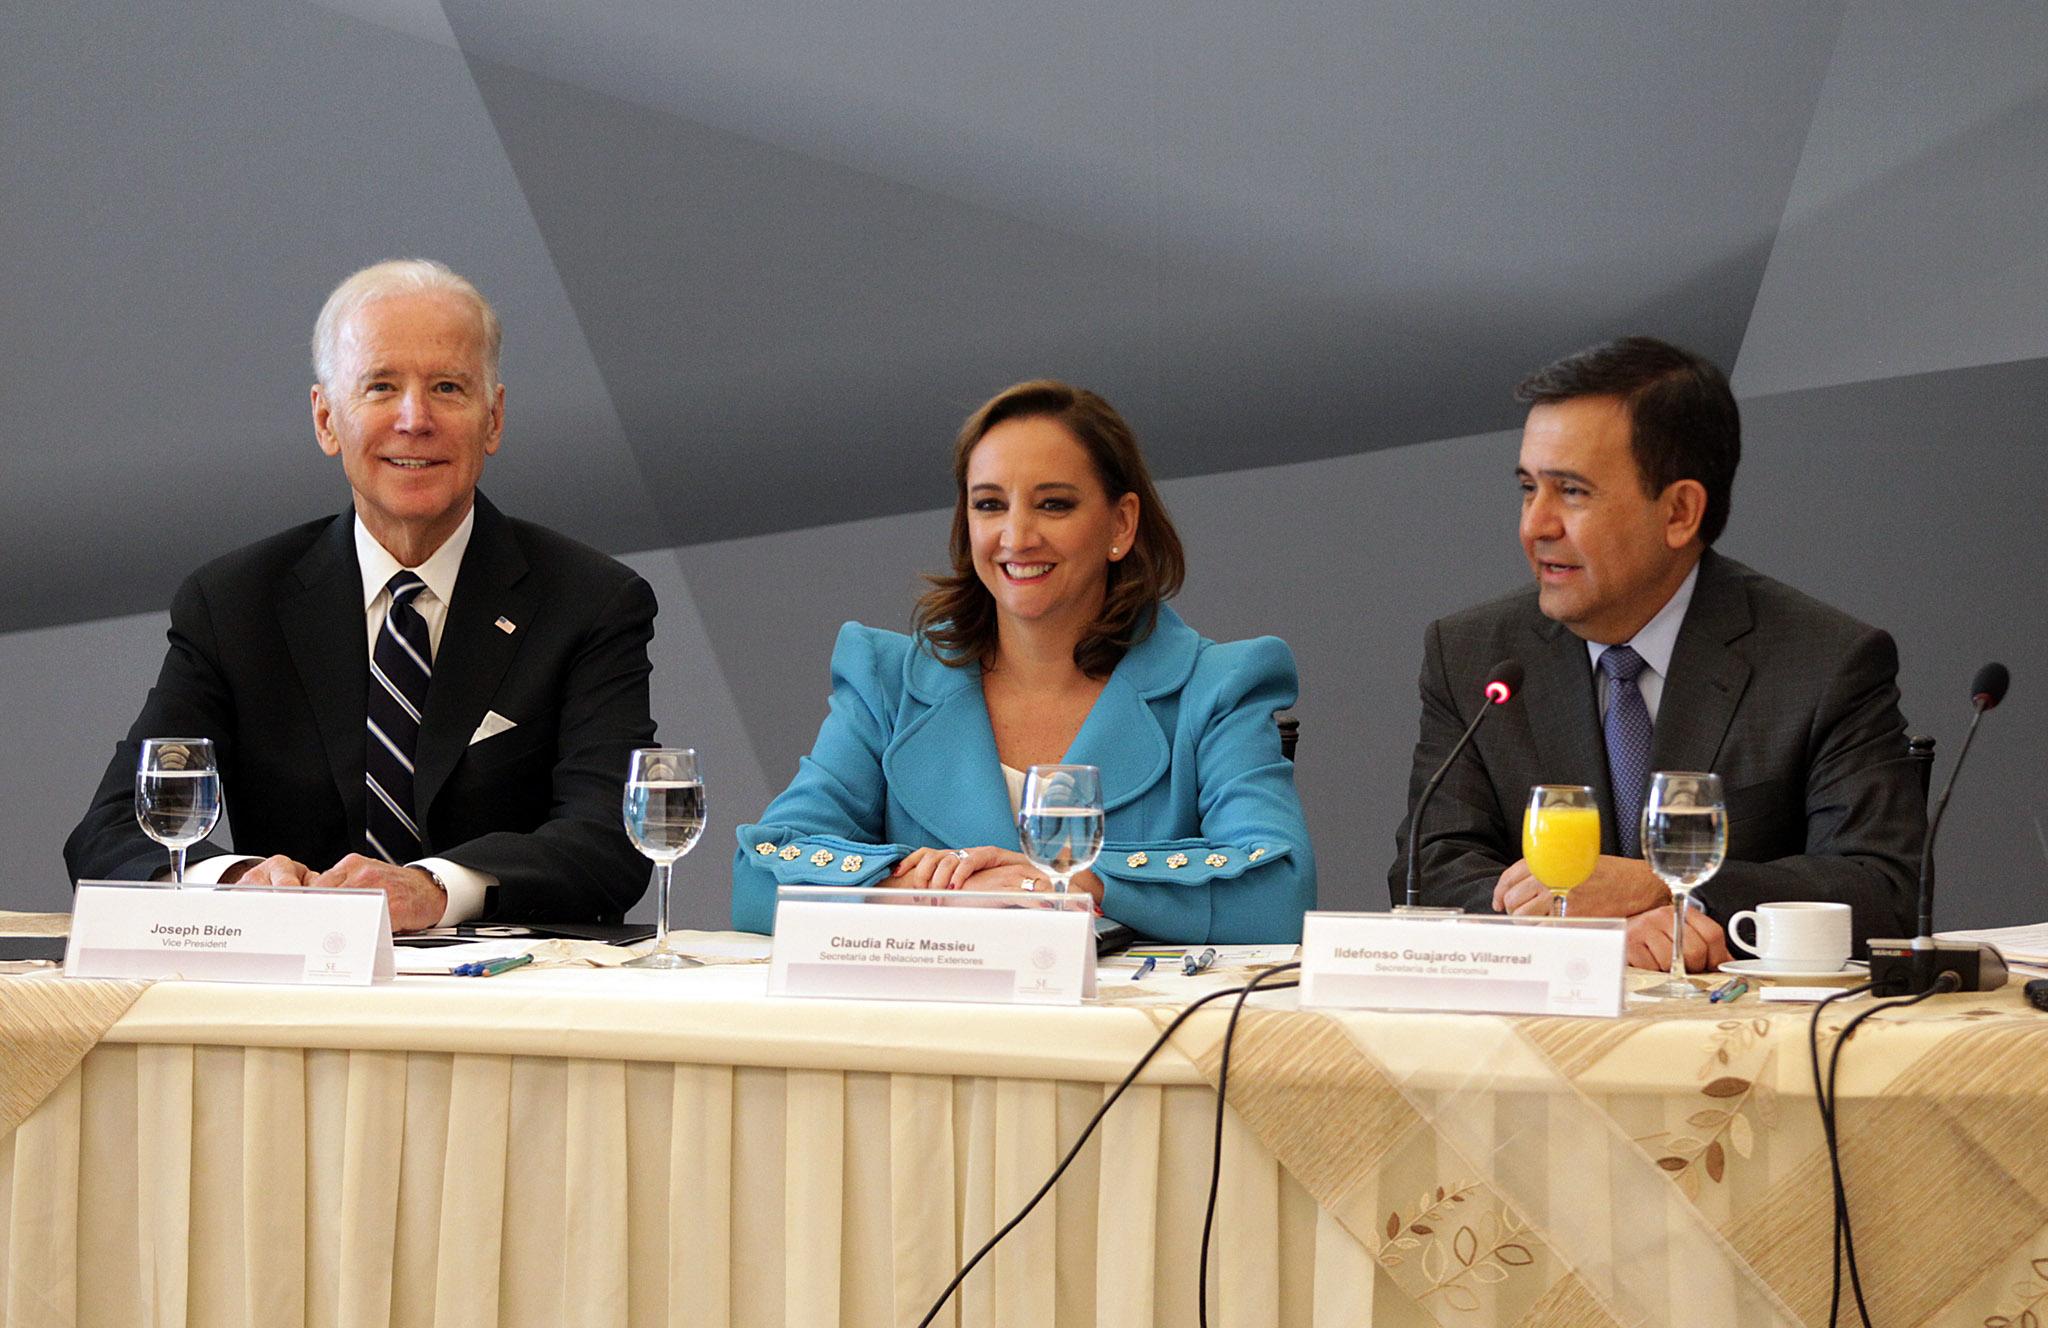 FOTO 2 Vicepresidente  de Estados Unidos  Joseph Biden  Canciller Claudia Ruiz Massieu y el Secretario Ildefonso Guajardojpg